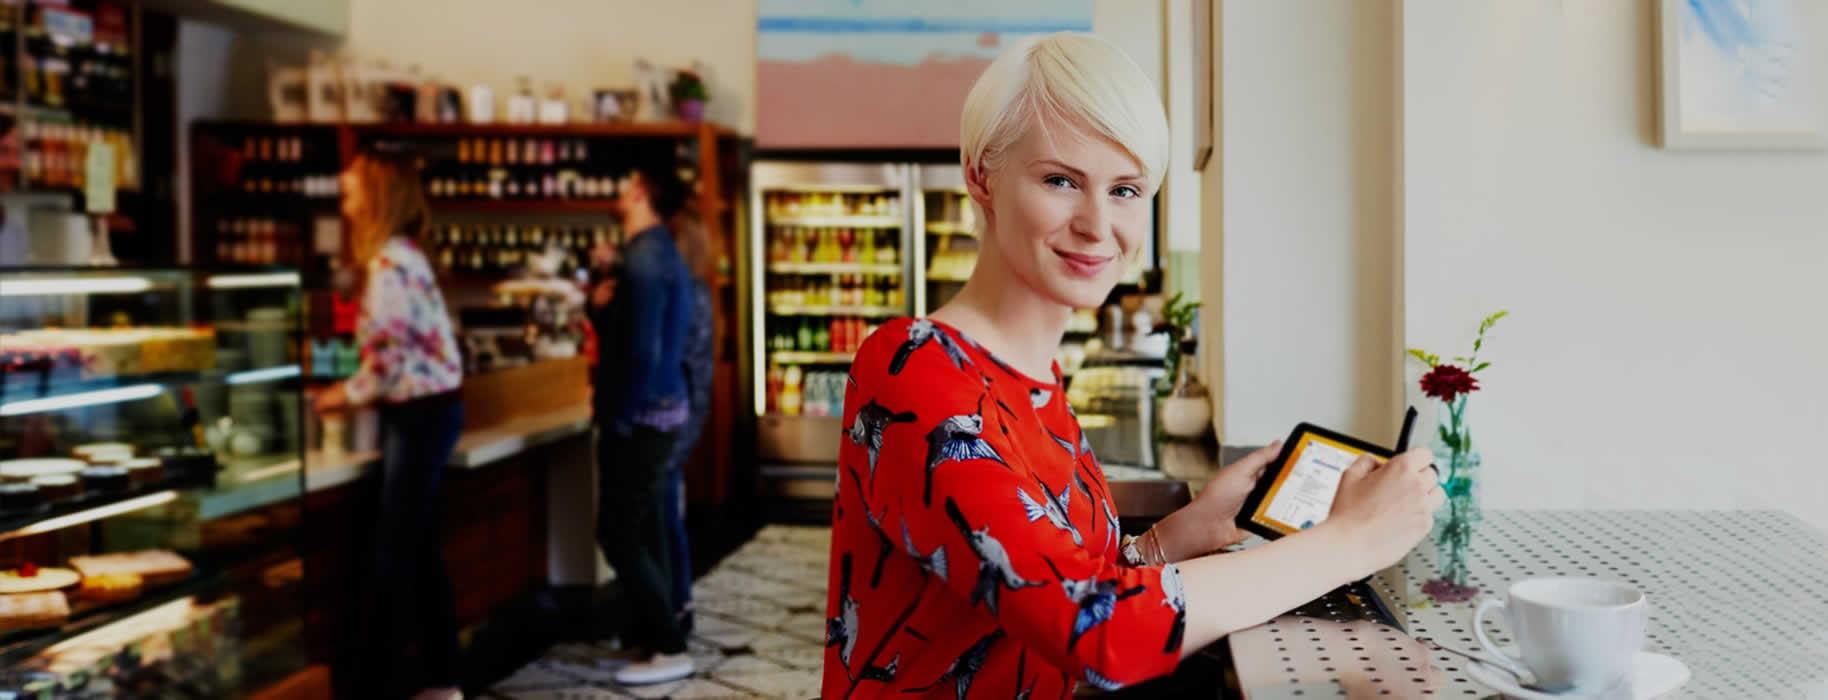 Señora en cafetería usando una tablet